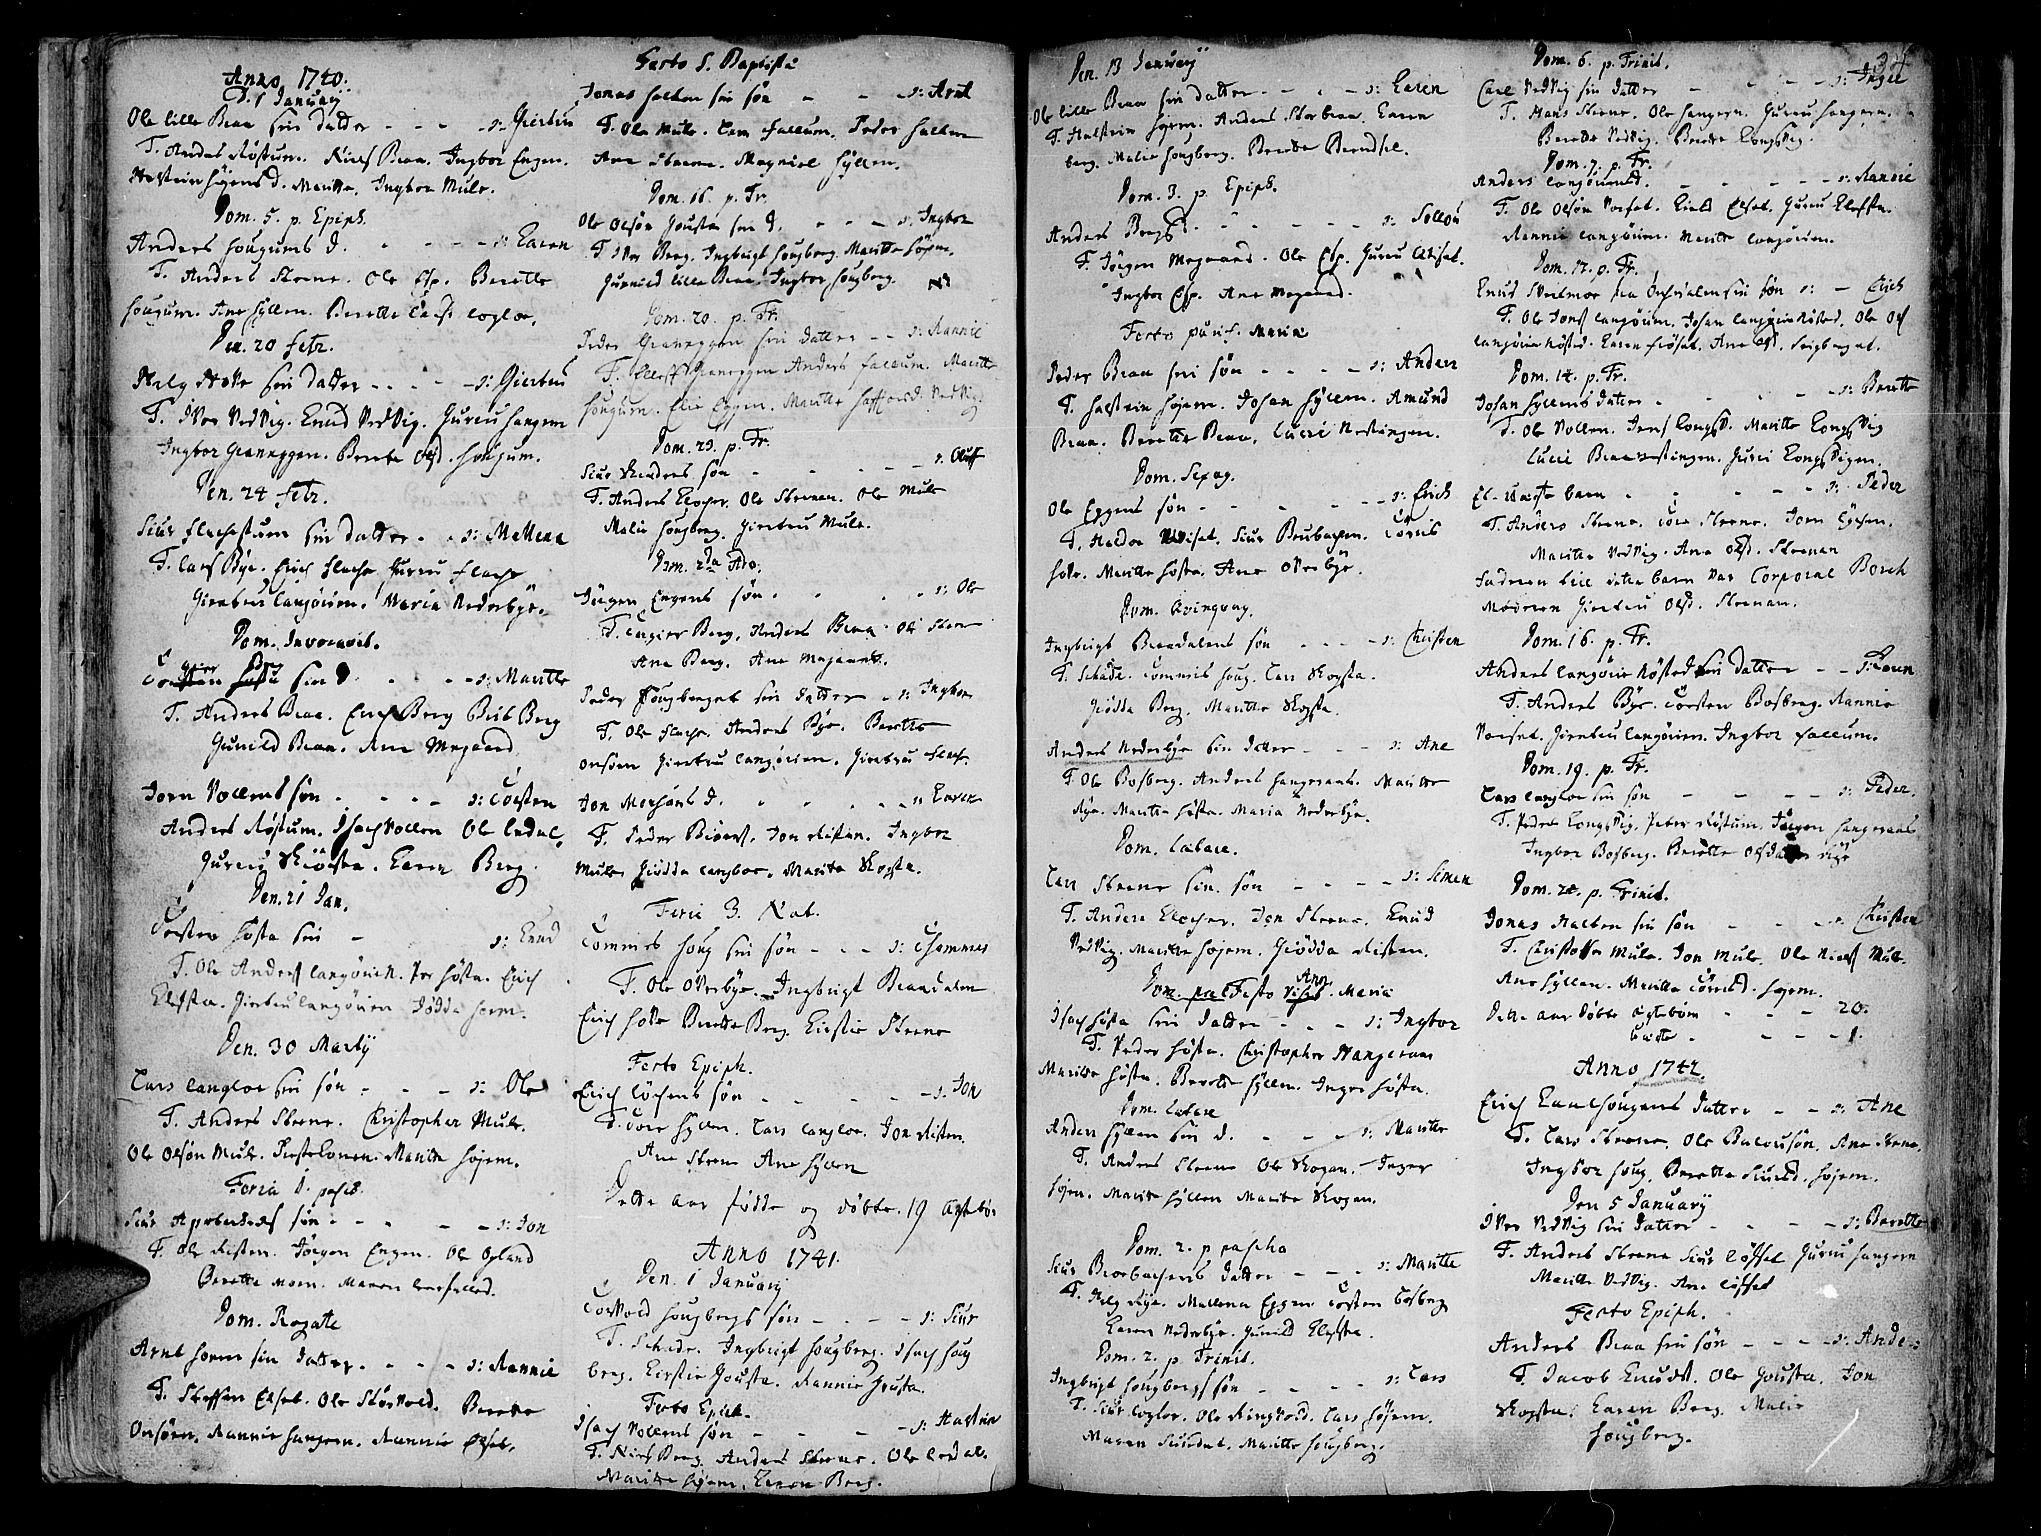 SAT, Ministerialprotokoller, klokkerbøker og fødselsregistre - Sør-Trøndelag, 612/L0368: Ministerialbok nr. 612A02, 1702-1753, s. 34